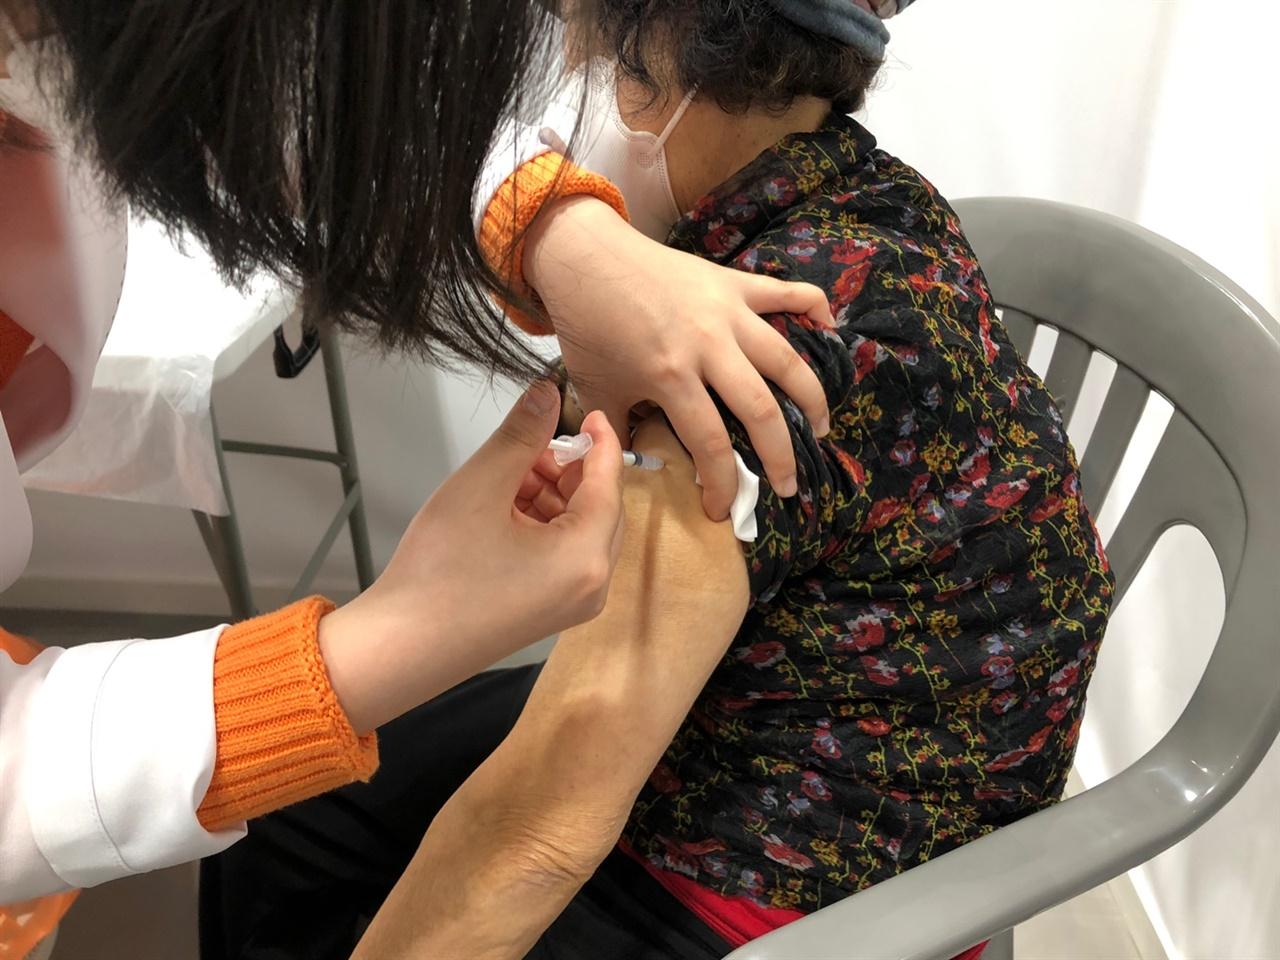 화이자 백신 접종 삼척시는 1일부터 3일까지 진행된 코로나19 백신접종 결과 889명이 1차 접종을 마쳤다고 밝혔다.